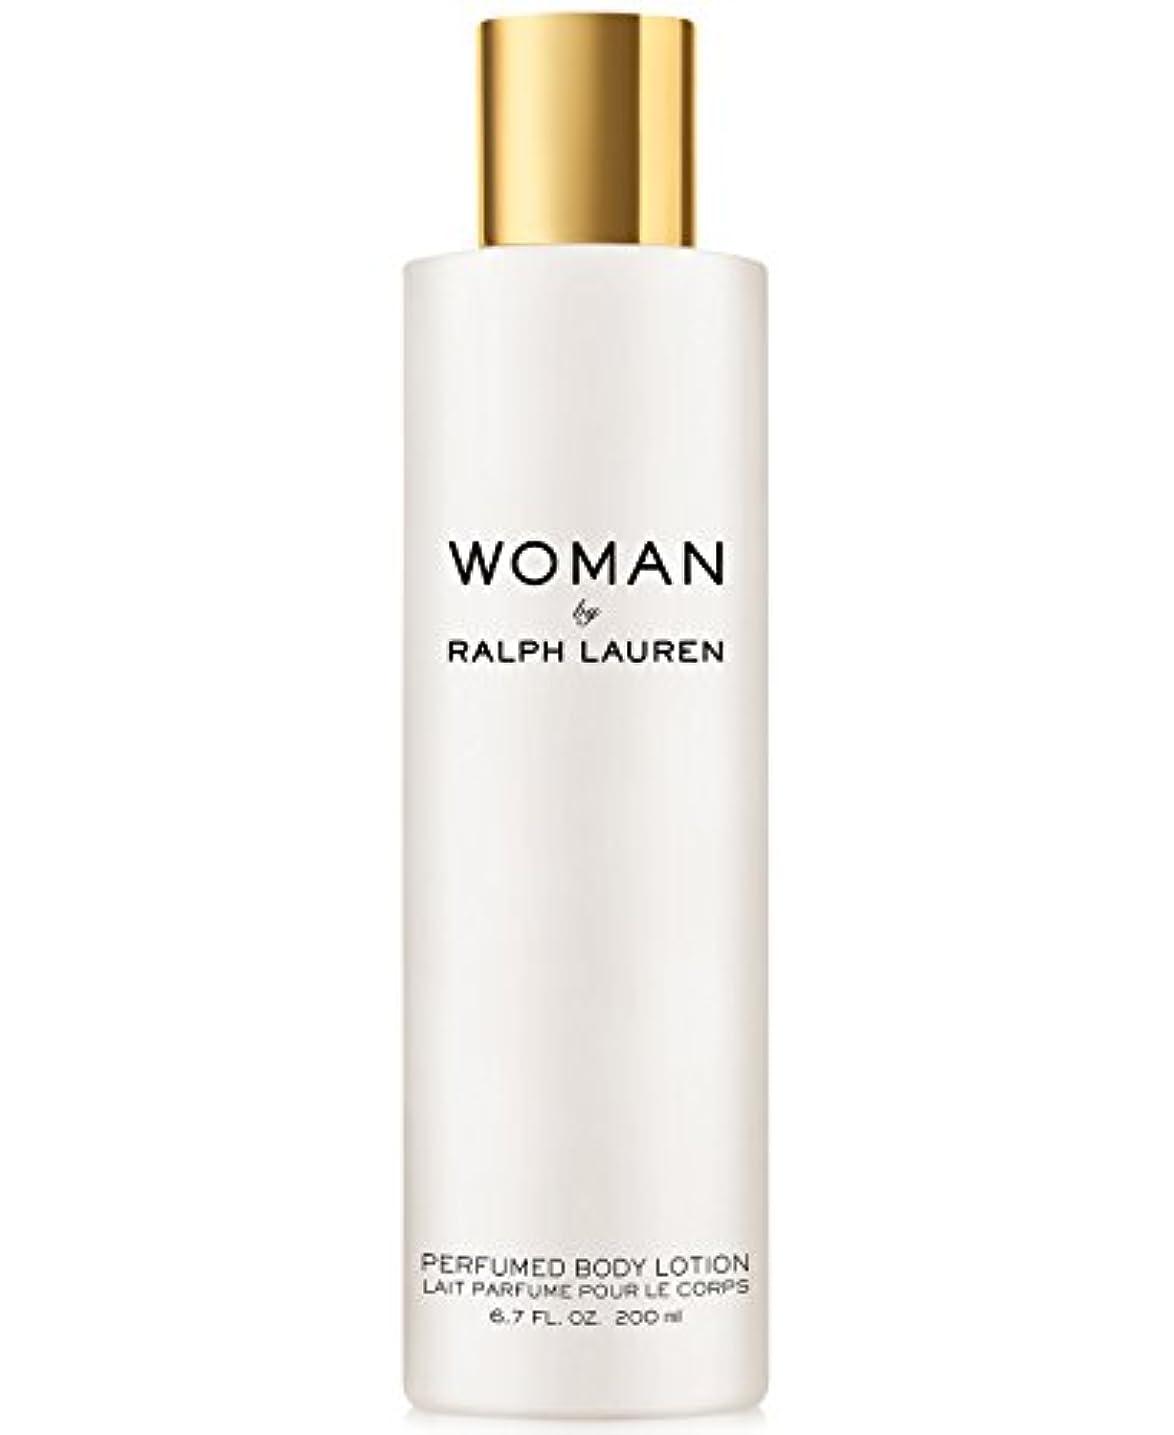 牧師鮮やかな事故Woman (ウーマン) 6.7 oz (200ml) Perfumed Body Lotion(ラルフ ローレン)